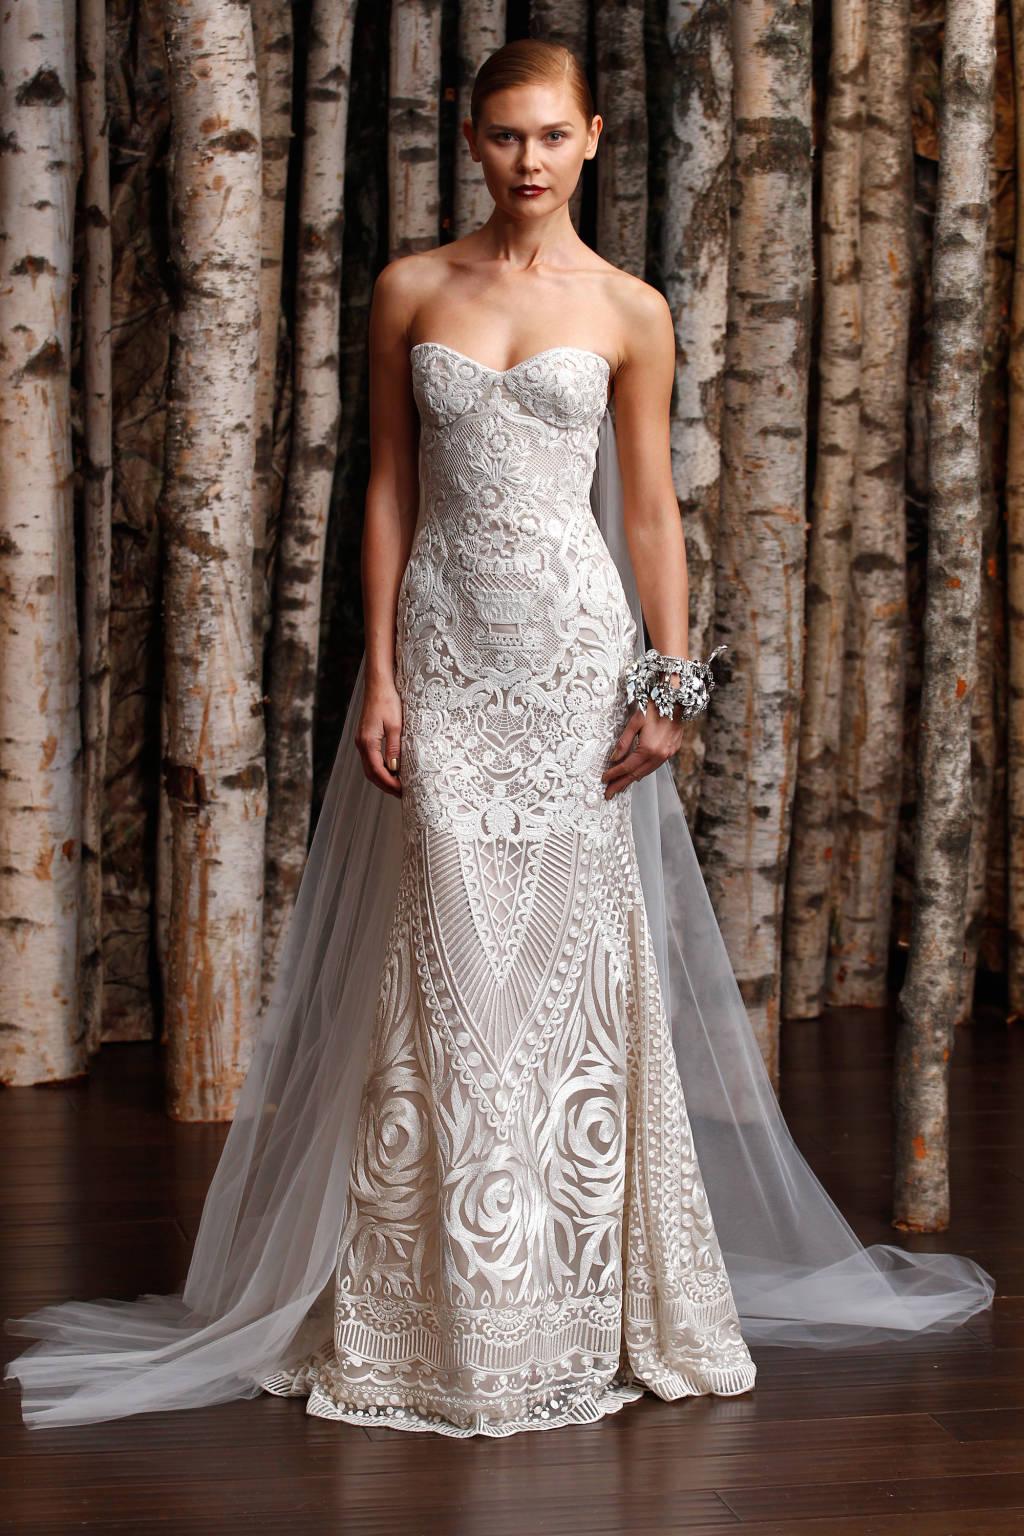 Chiếc đầm này mang màu sắc hiếm - màu trắng ghi - nên nó nghiêm nhiên trở nên đặc sắc.